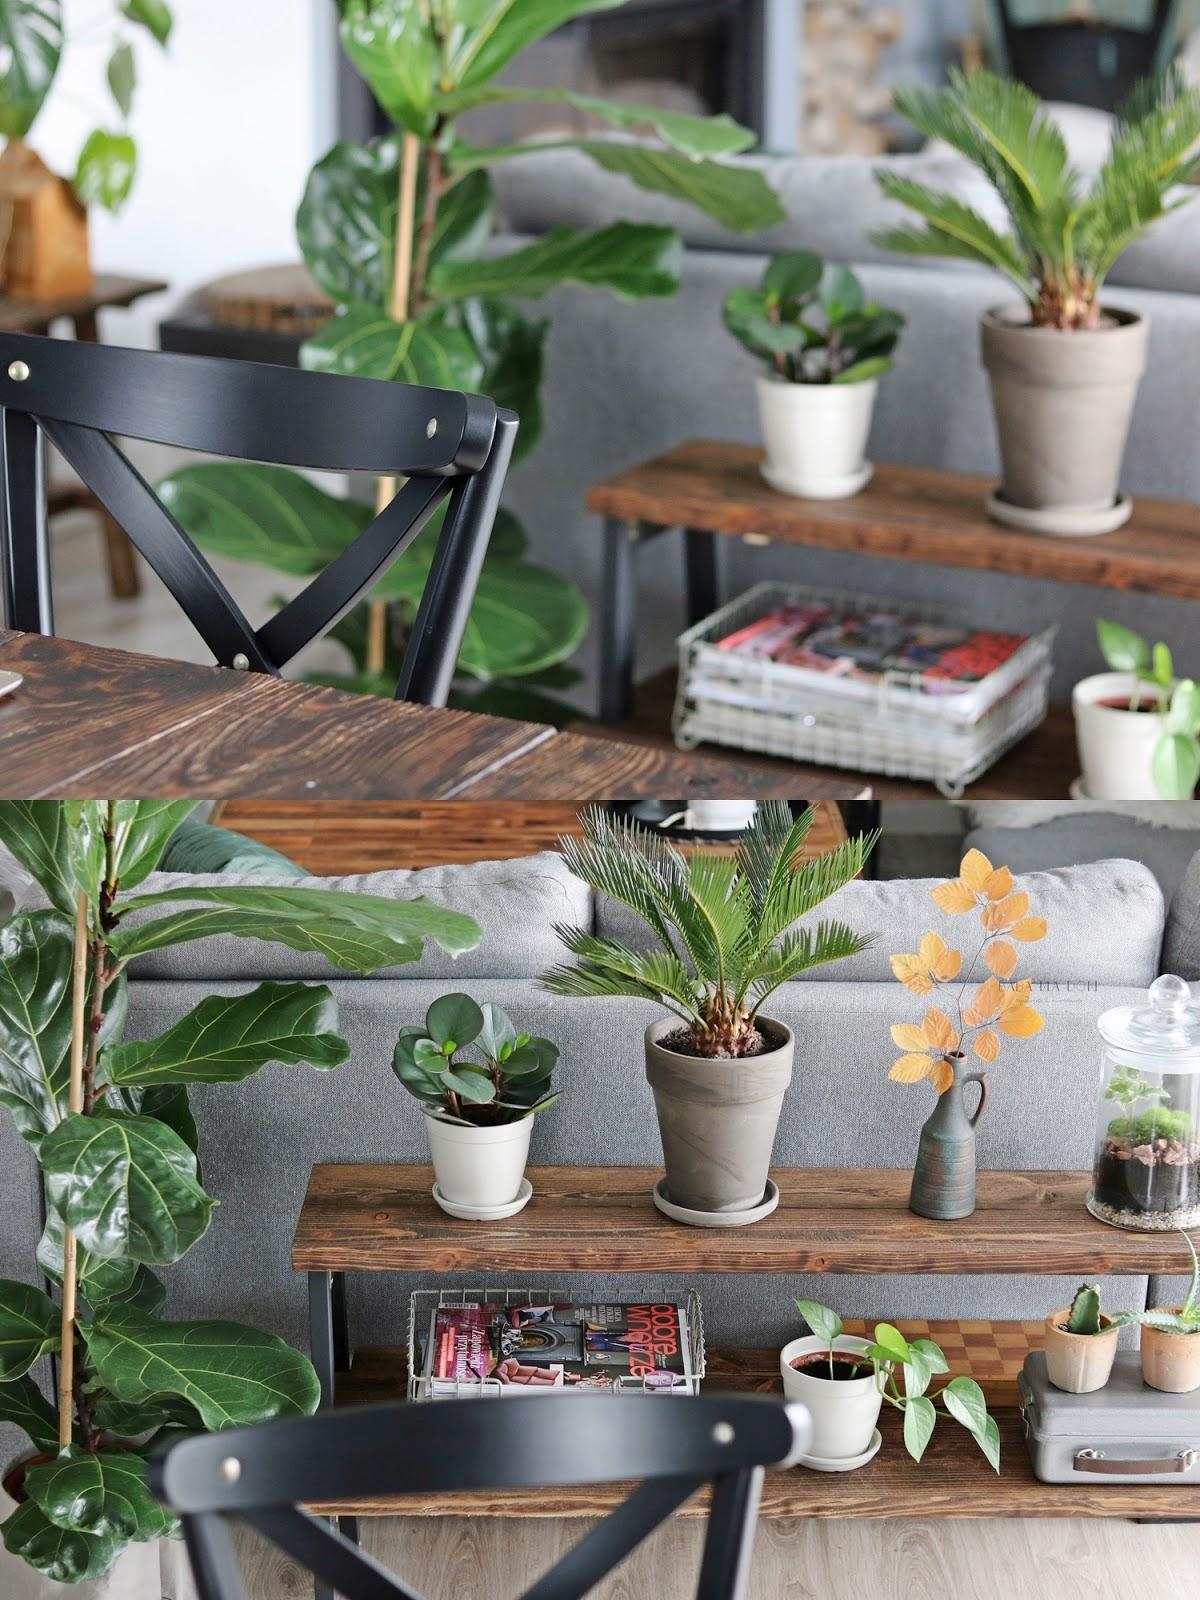 aranżacje wnętrz, baba ma dom, babamadom, deski, DIY, doityourself, drewno, featured, hacks, jesień, kwietnik, natura, opalany, poducha, salon, sofa, stół, zrób to sam,